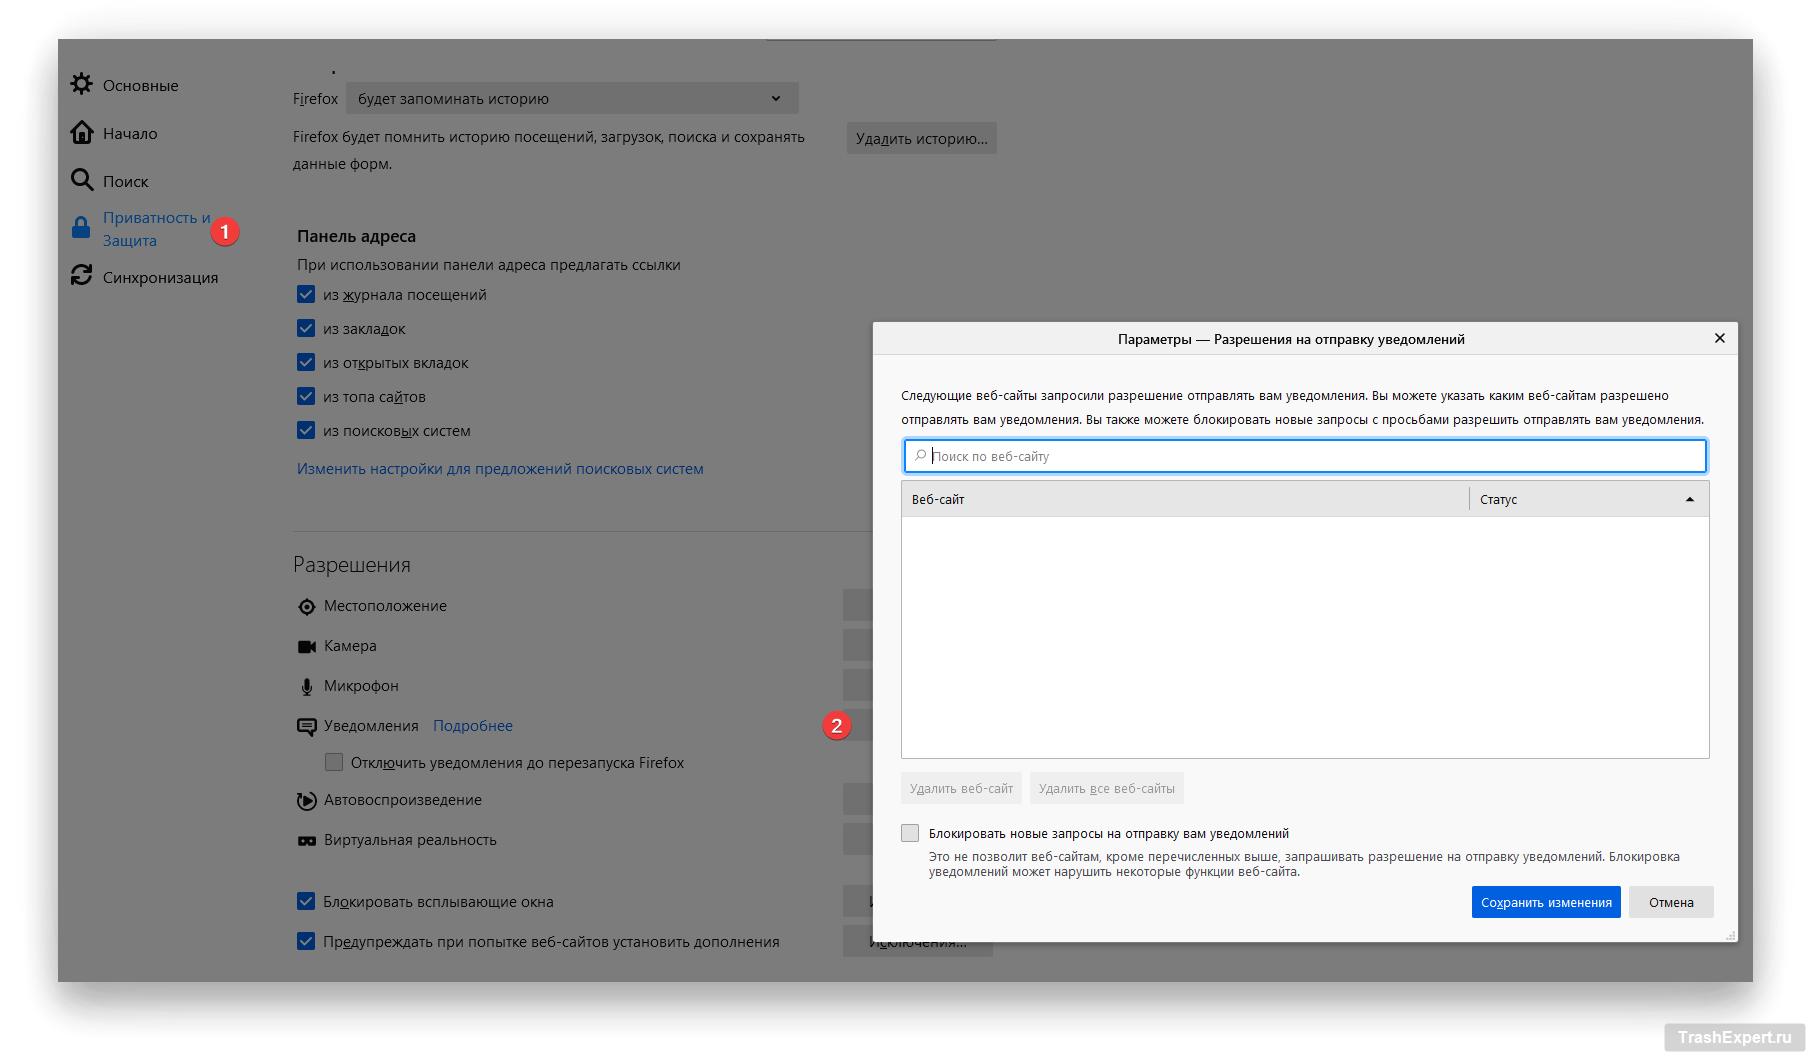 Разрешения на отправку уведомлений в Firefox